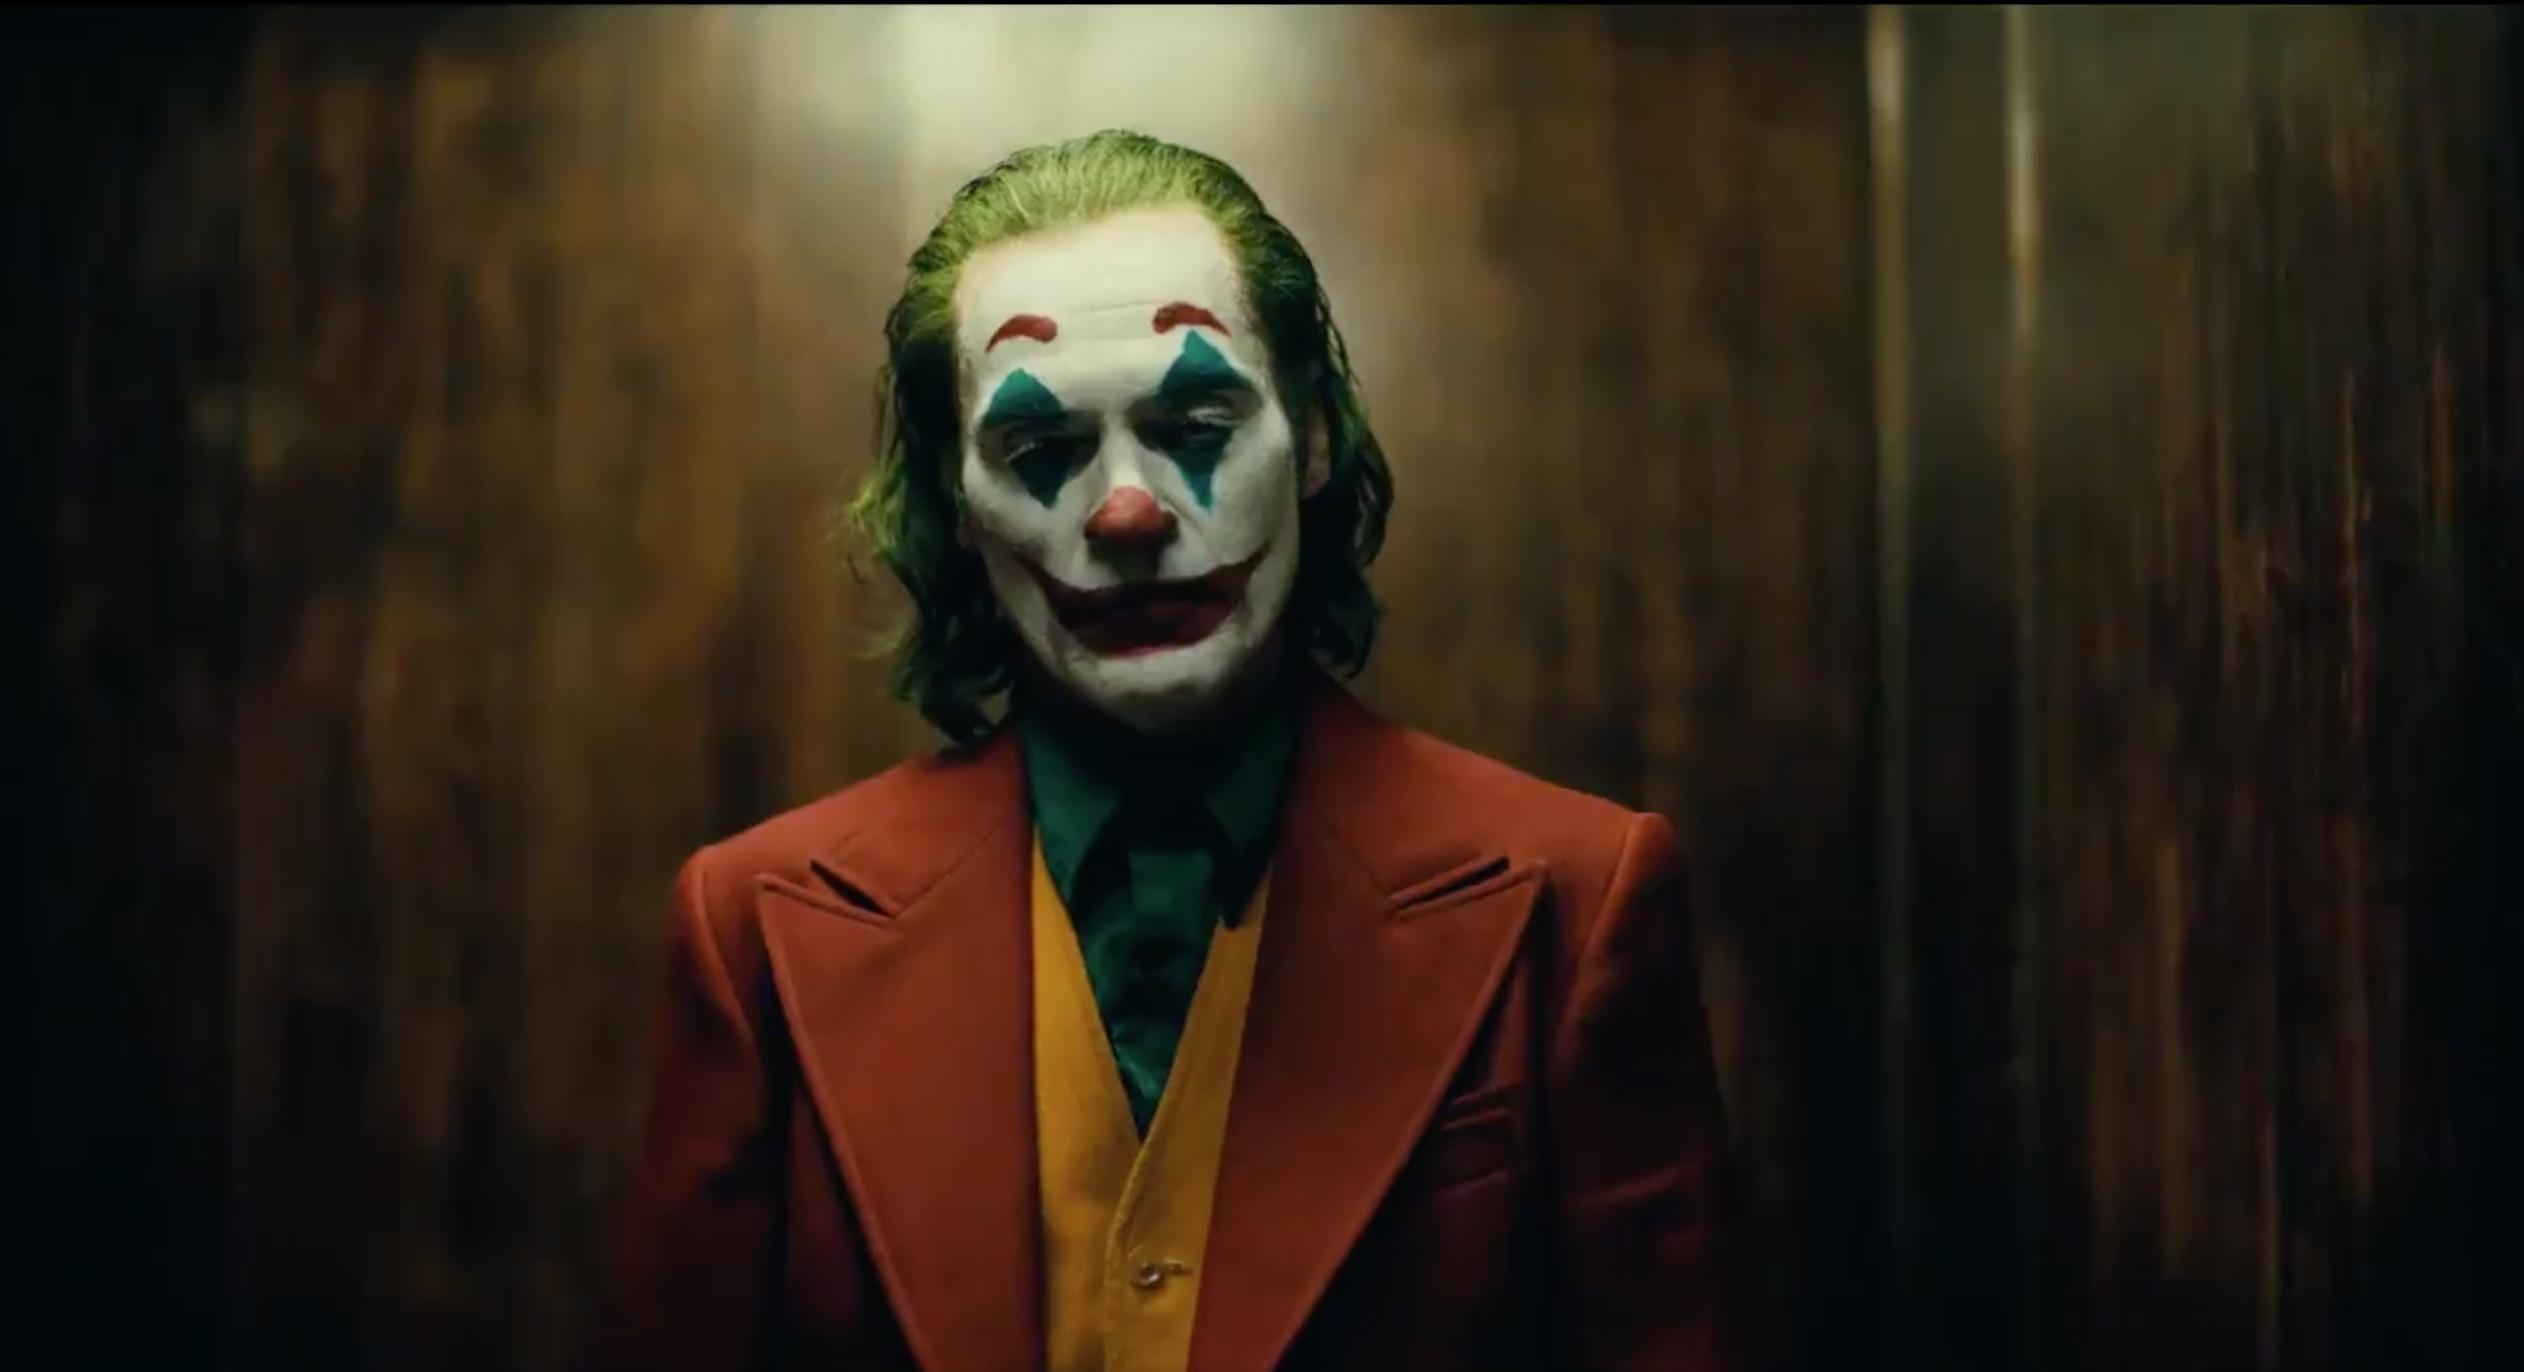 瓦昆菲尼克斯版 DC經典反派《小丑》(Joker) 電影前導預告搶先看首圖